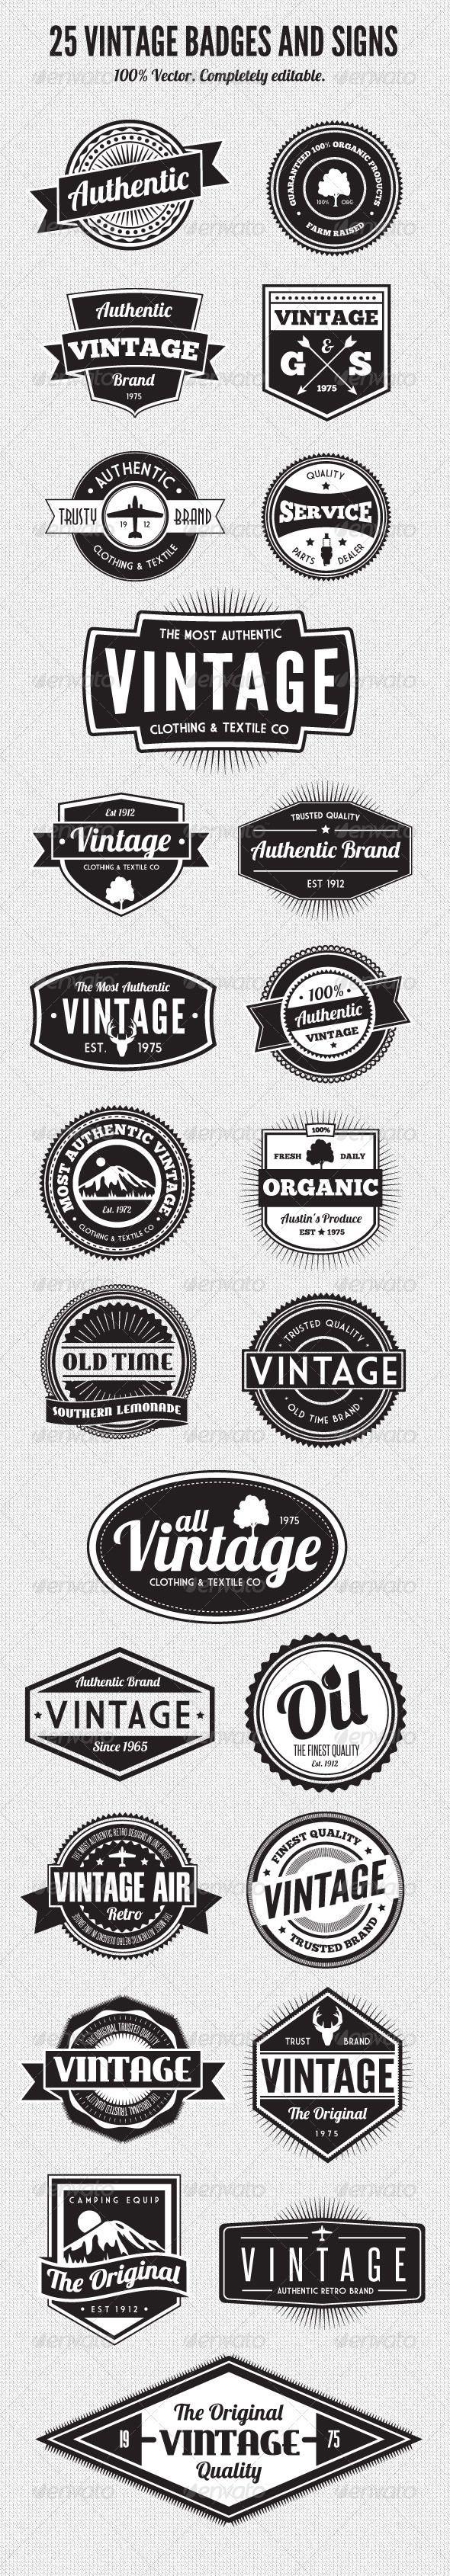 25 Premium Retro Style Vector Badges